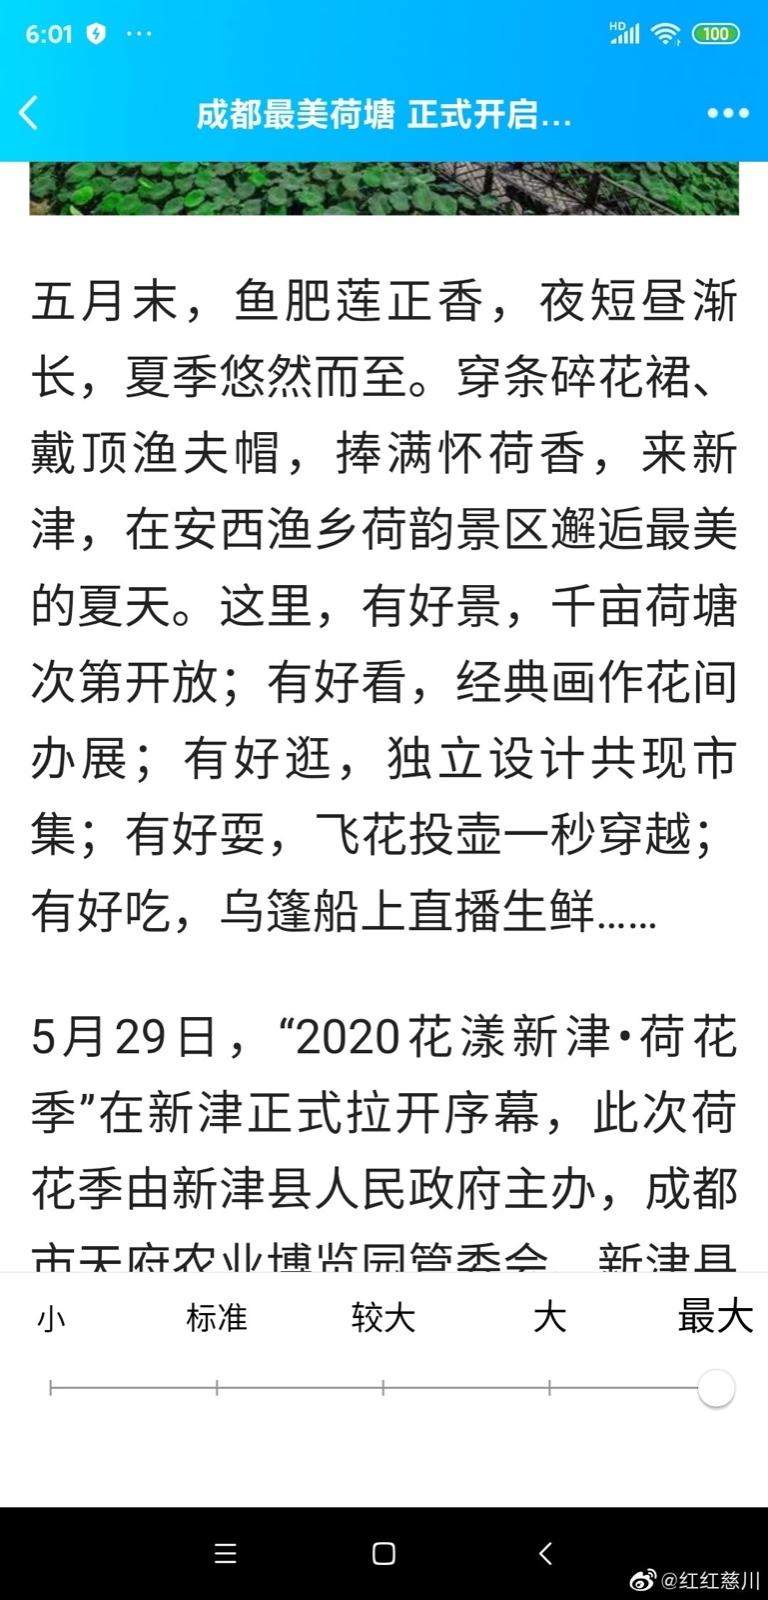 2020年花样新津荷花季_图1-4